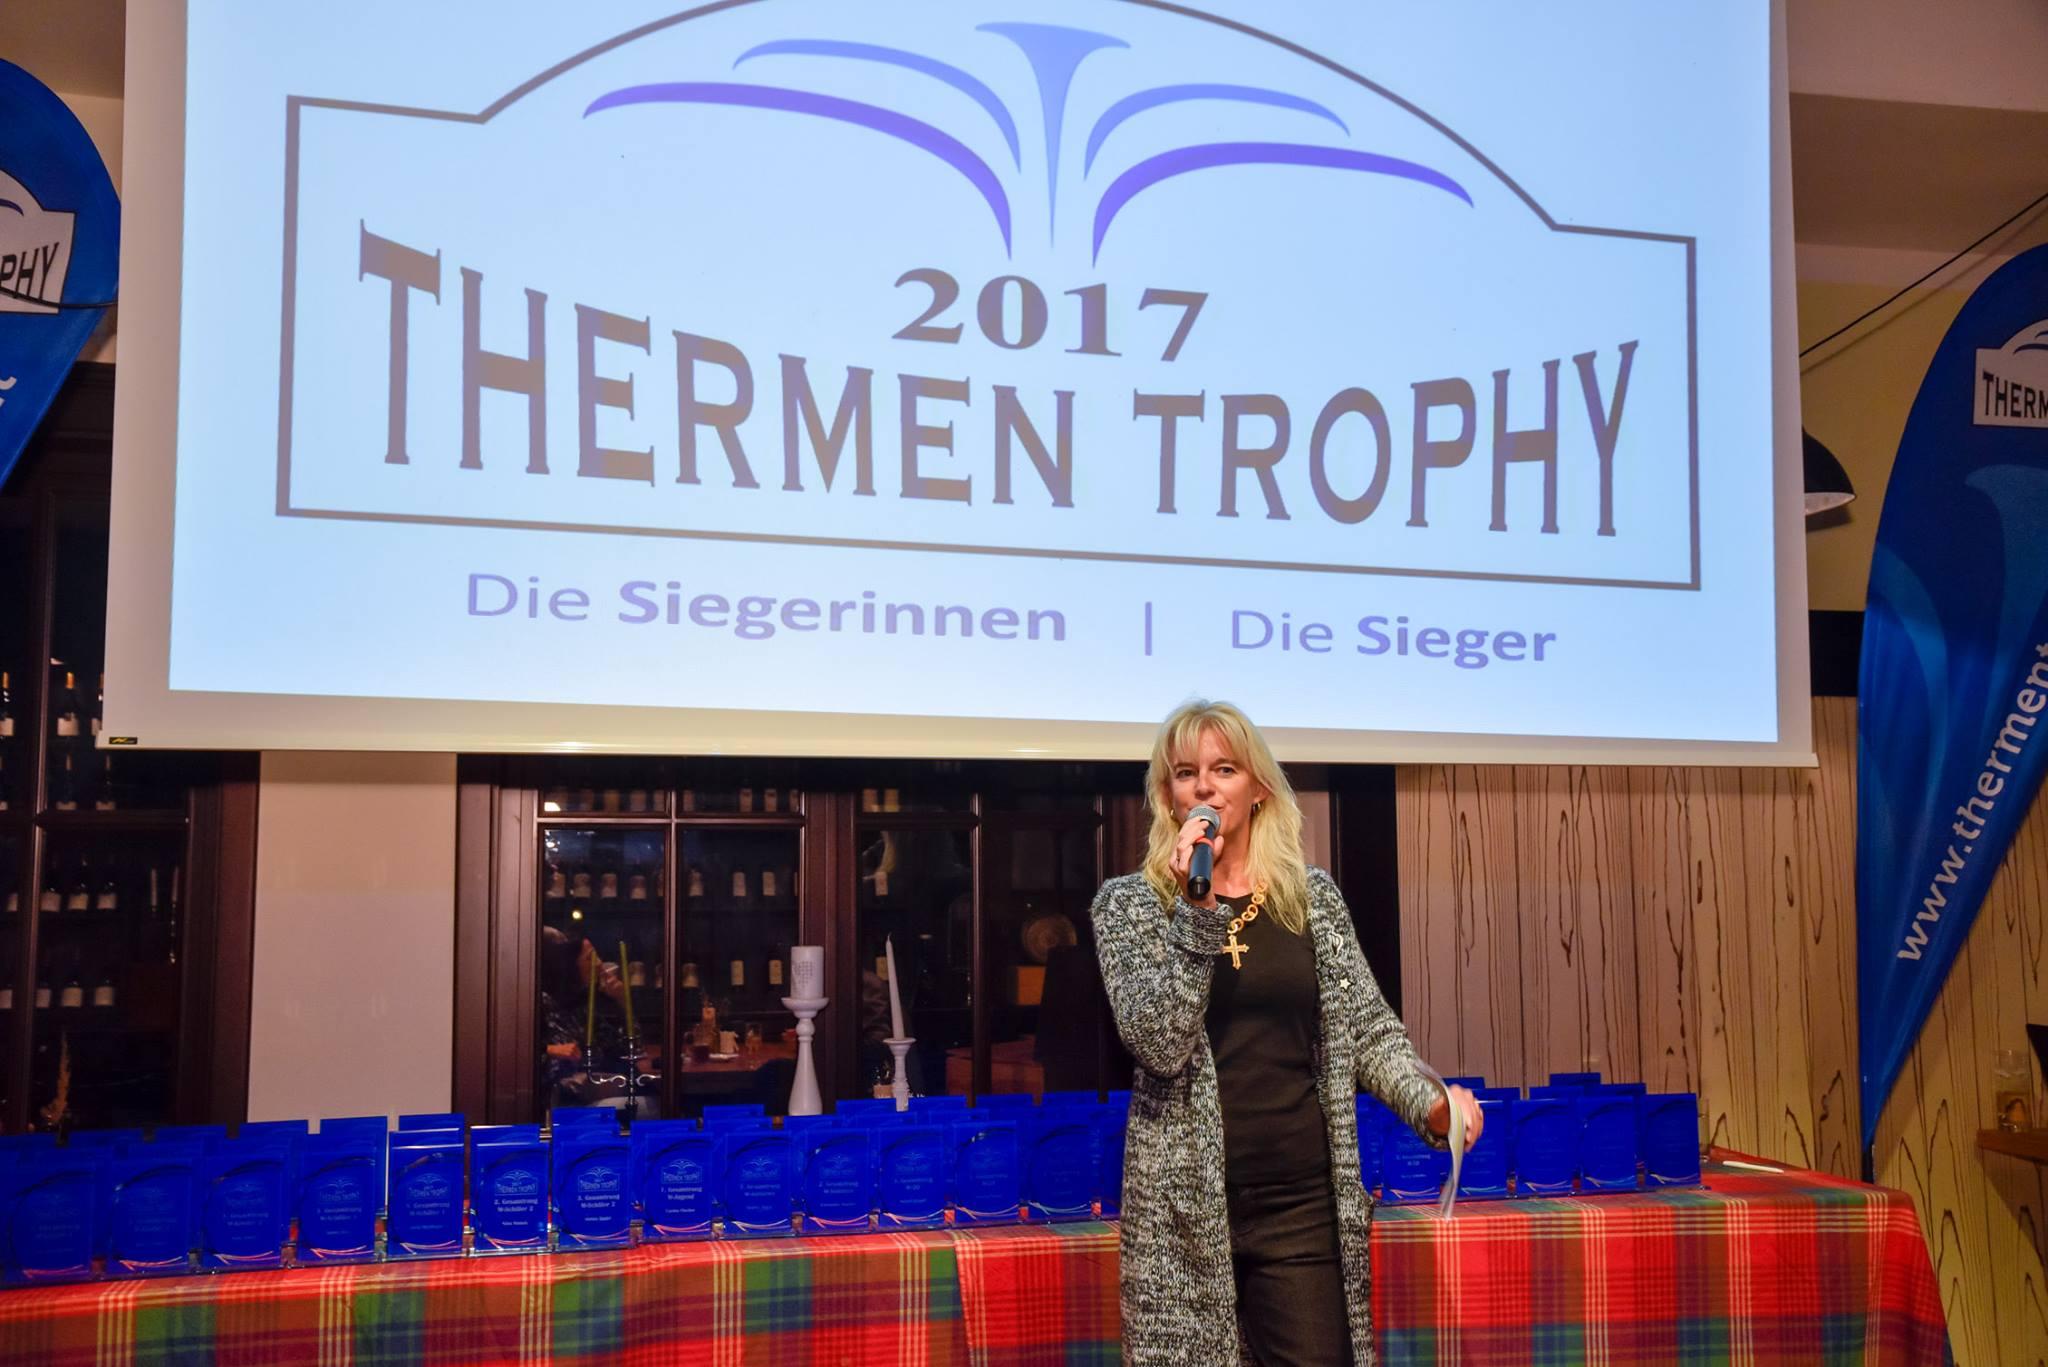 Thermen-Trophy-Siegerehrung 2017